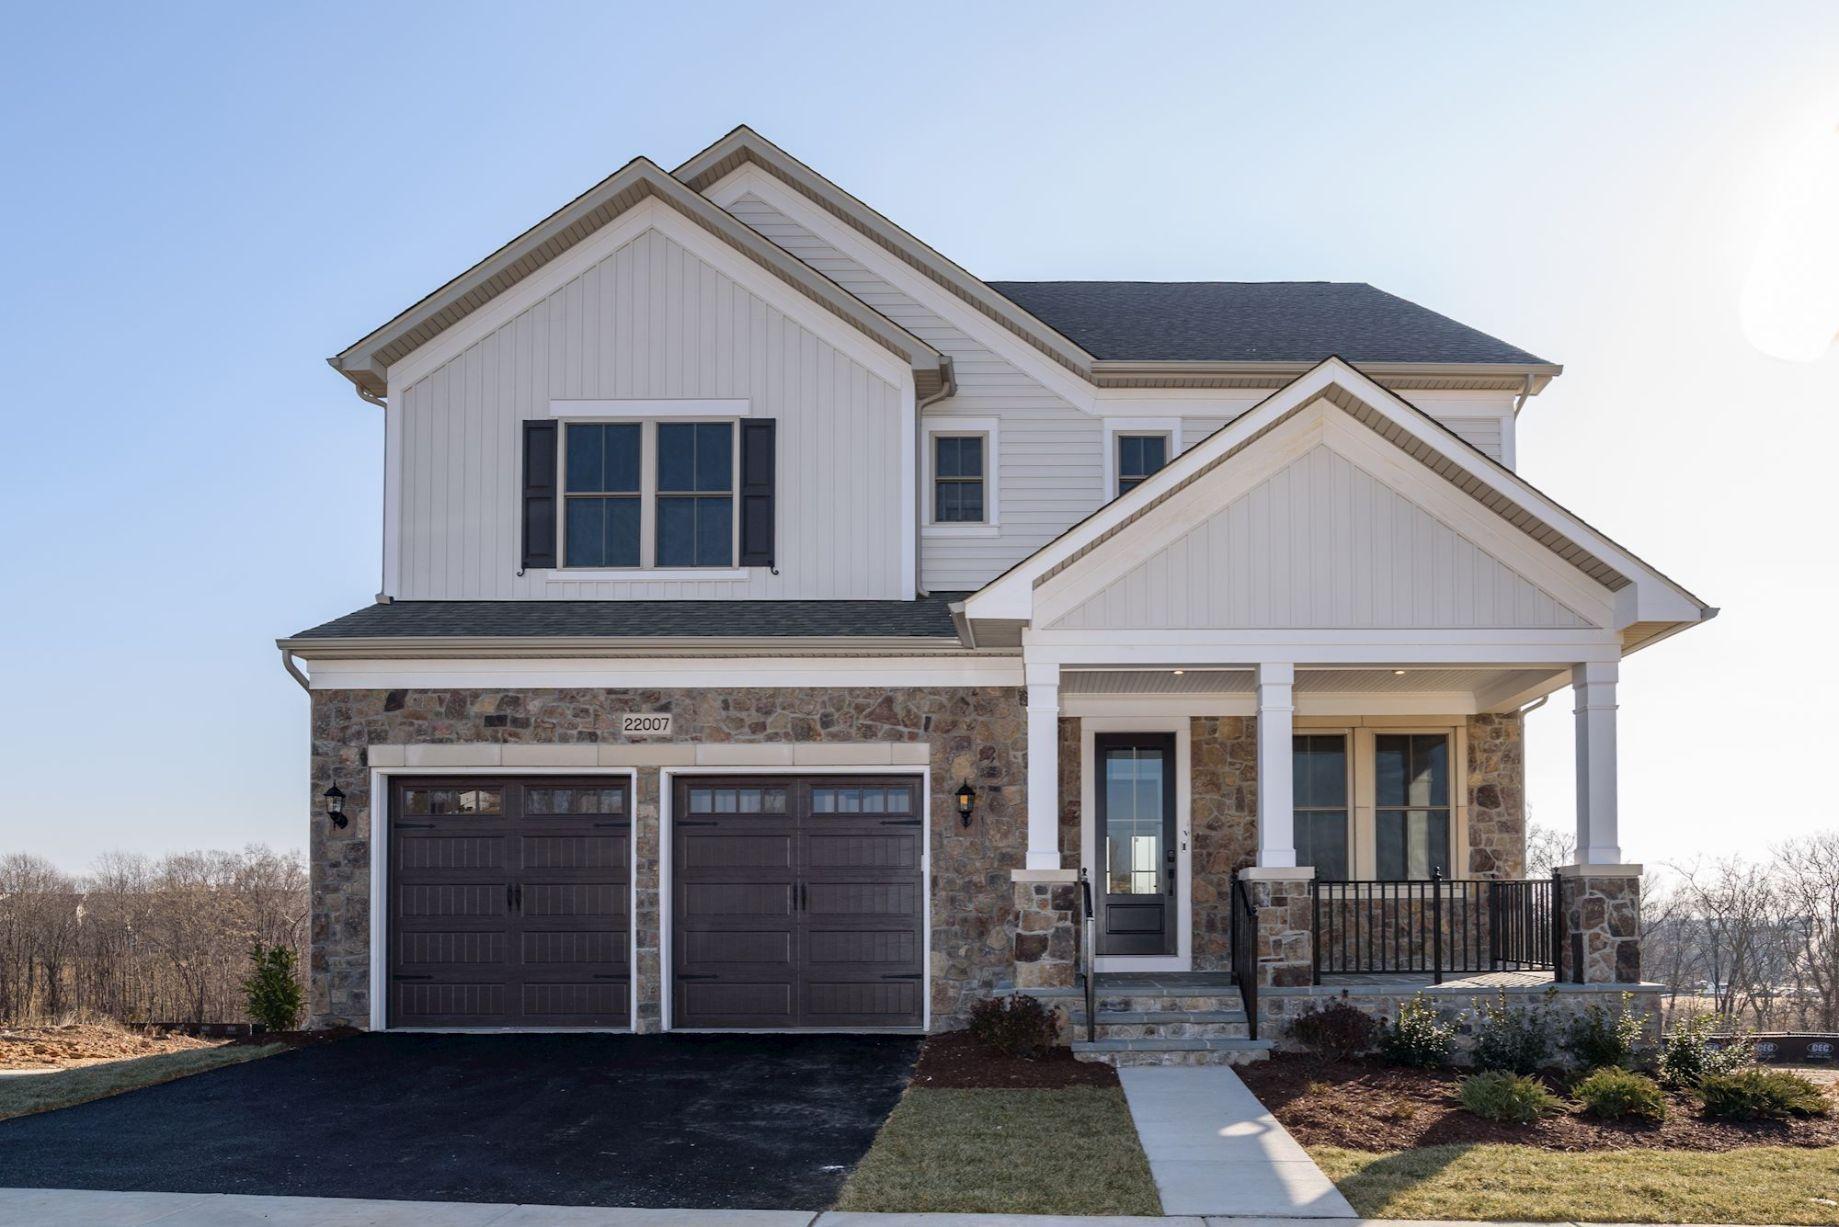 单亲家庭 为 销售 在 Cabin Branch Estate Series - Gehry 13915 Stilt Street Clarksburg, Maryland 20871 United States